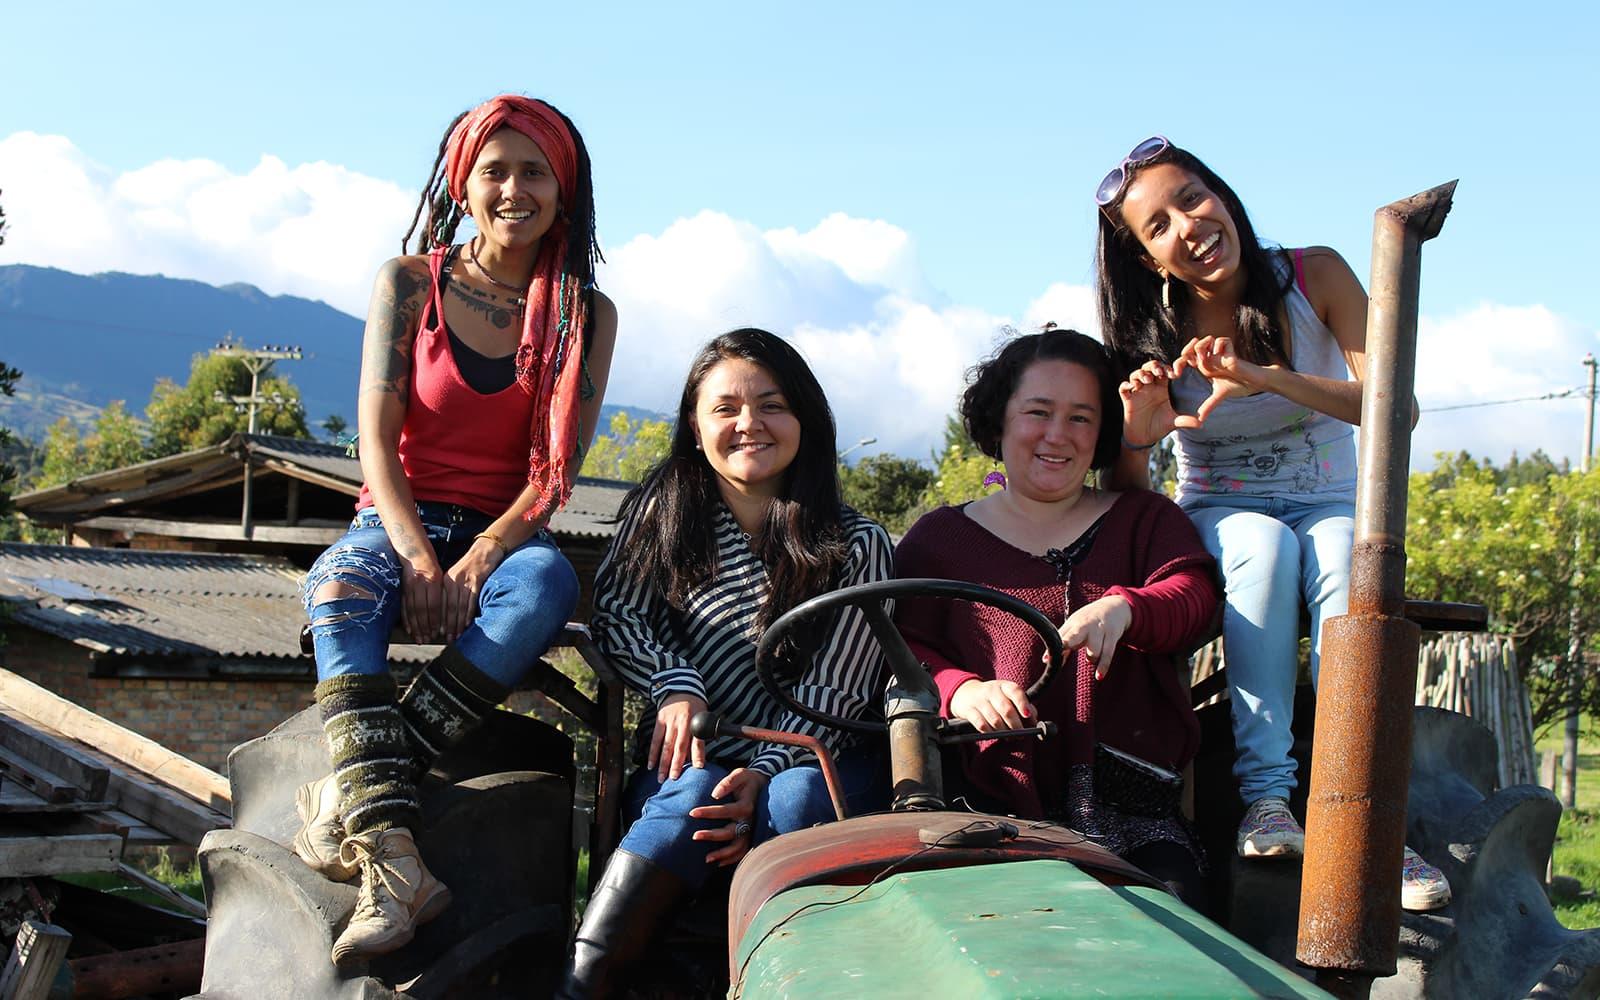 4 jeunes femmes du Honduras et participant à l'un de nos projets assises sur un tracteur